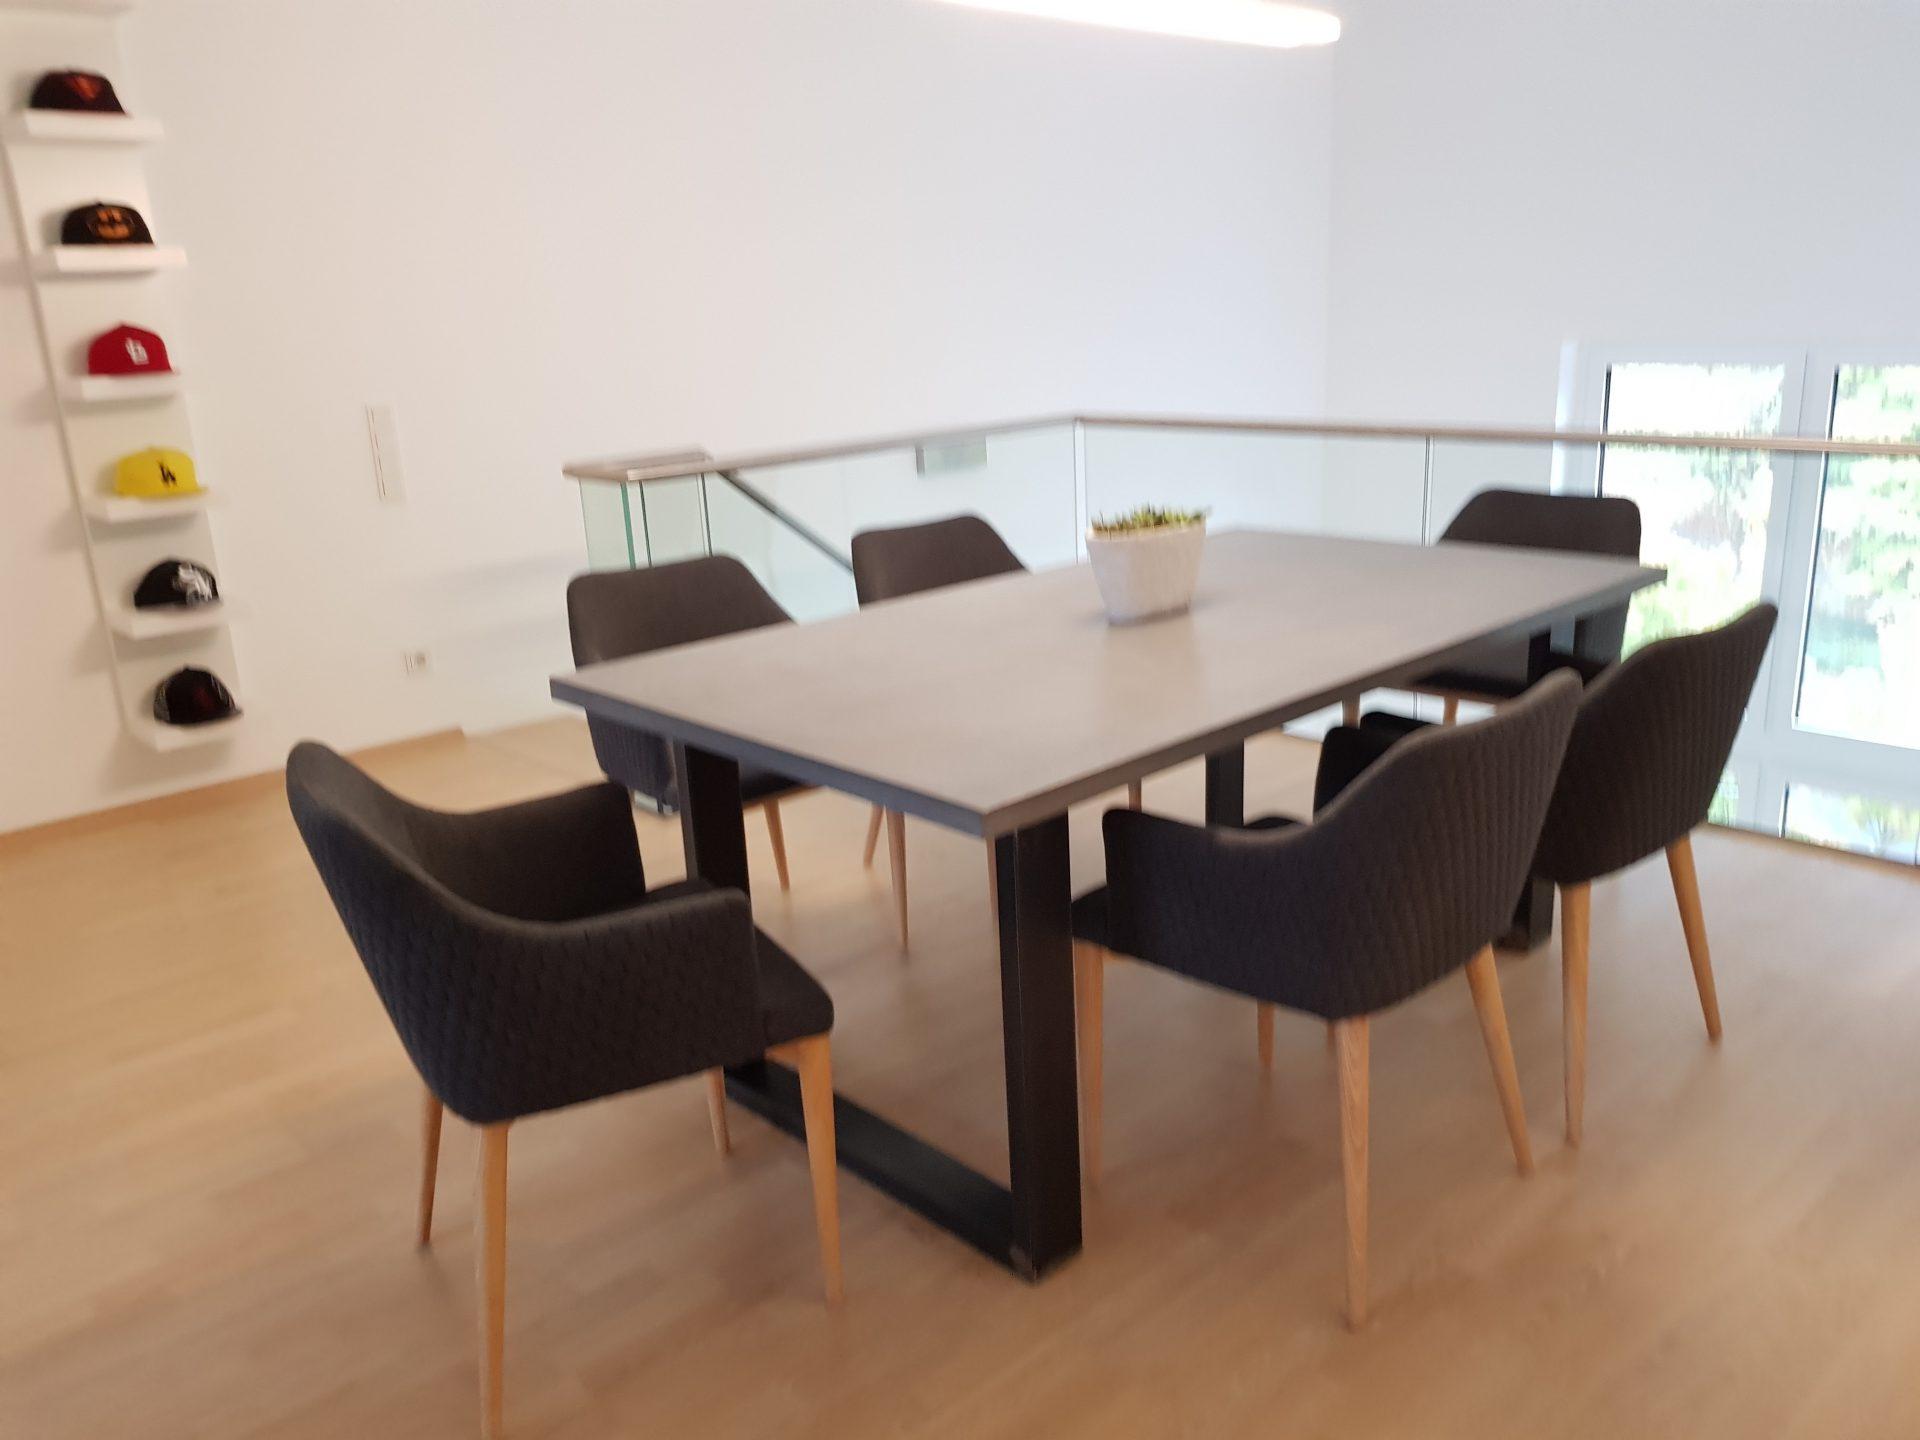 beton esstisch mit stahlbeinen b k design. Black Bedroom Furniture Sets. Home Design Ideas